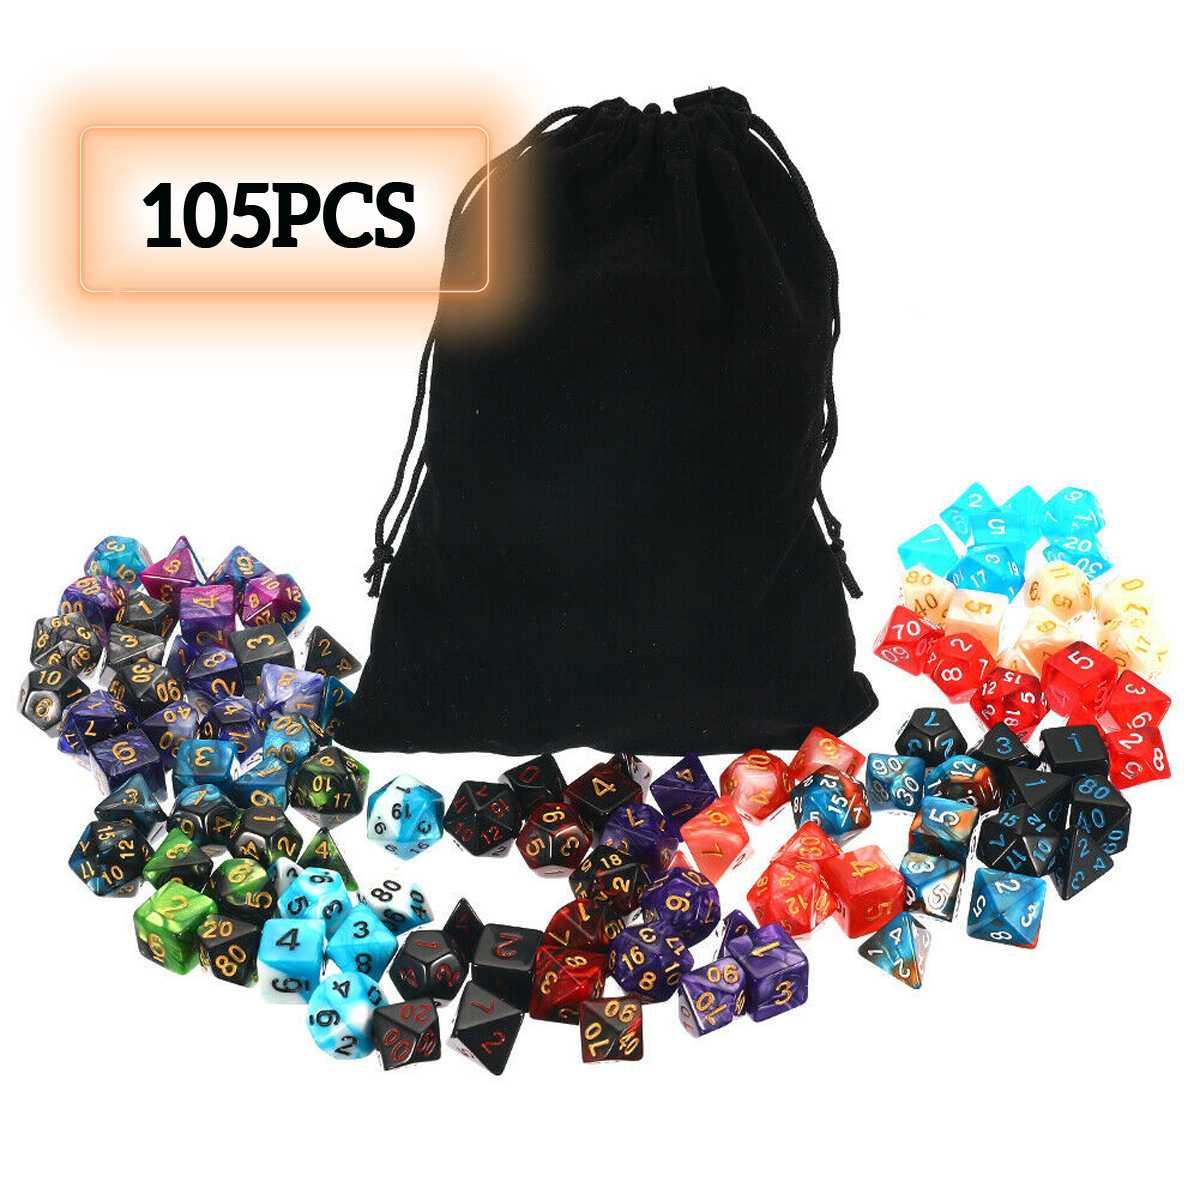 Conjunto de dados poliédricos DND RPG MTG 105 Uds juego de mesa de dragón + juego de colores mezclados